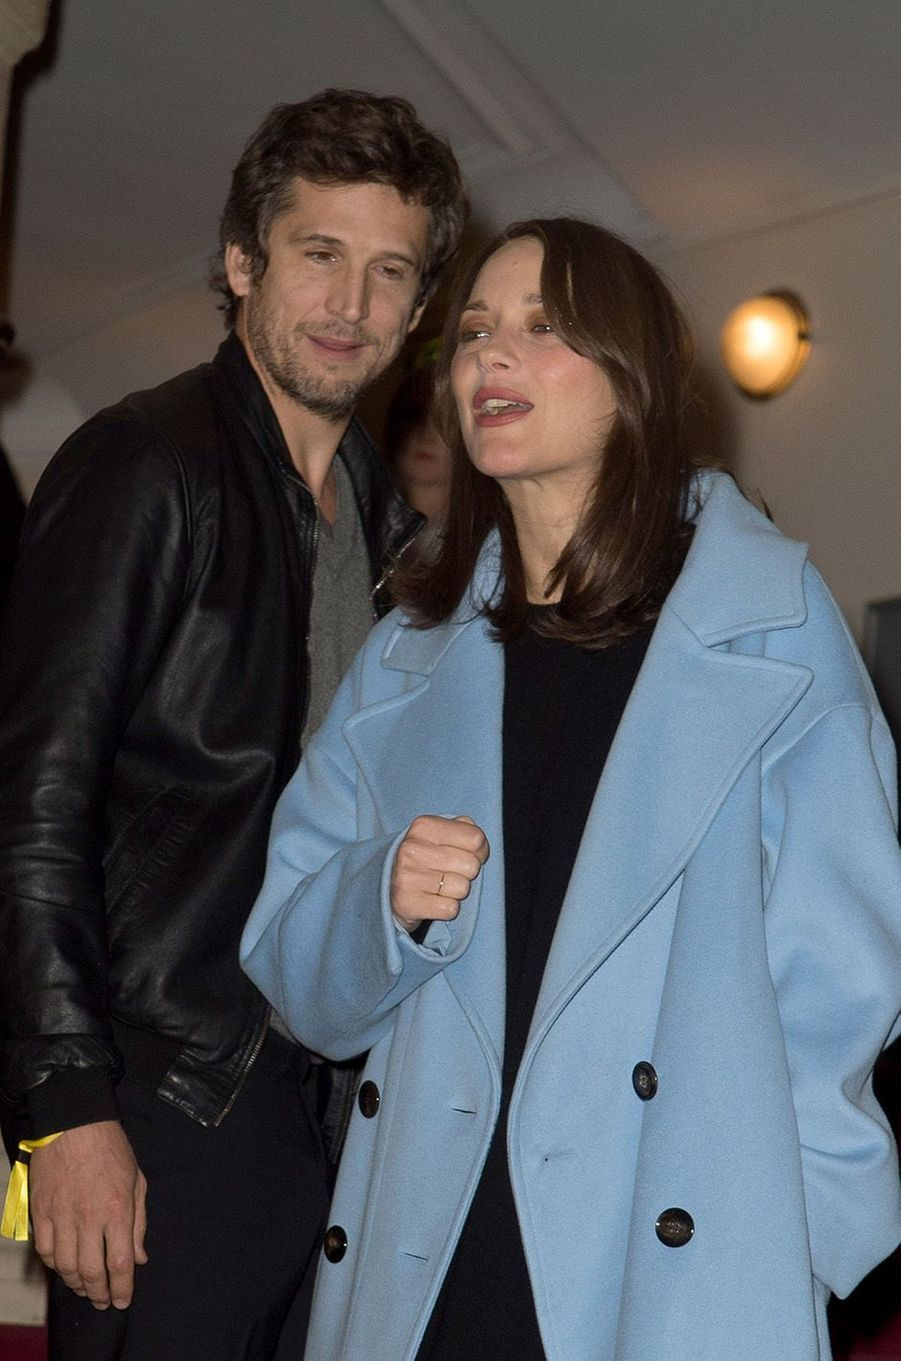 Marion Cotillard et Guillaume Canet au théâtre du Châtelet en octobre 2016.